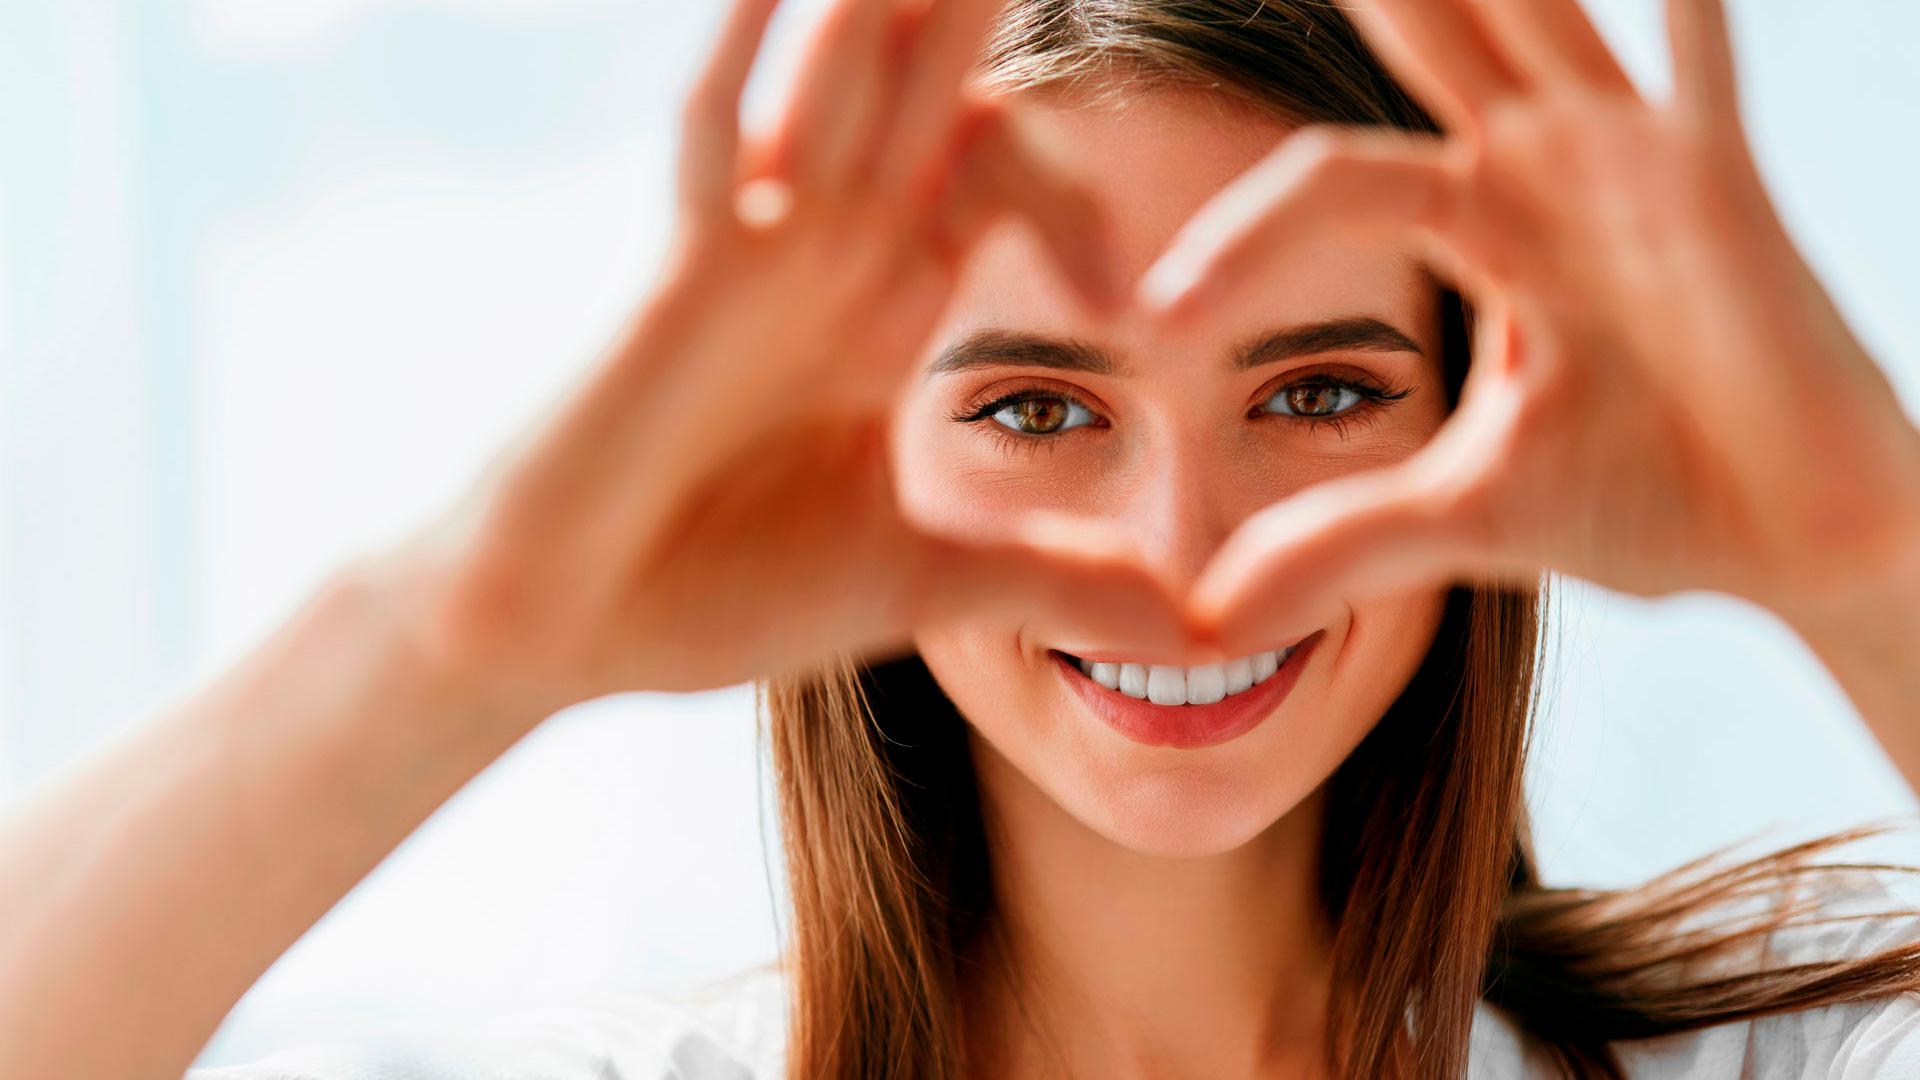 <p>En esta Masterclass, <strong>Odontolog&iacute;a emocional DSD</strong>, estudiaremos una de las aplicaciones que tiene el Digital Smile Design: la <strong>odontolog&iacute;a emocional</strong>, una herramienta que permite ver al paciente de forma interactiva el resultado de su tratamiento obteniendo una respuesta emocional.<br /> <br /> A la hora de presentar el DSD al paciente, la idea es que el paciente tenga una respuesta emocional a lo que nosotros le vamos a plantear. Con la <strong>odontolog&iacute;a emocional</strong>, el paciente se va a ver en una pantalla y va a ver el antes y el despu&eacute;s. Gracias a esta Masterclass, <strong>Odontolog&iacute;a emocional DSD</strong>, conocer&aacute;s con precisi&oacute;n una de las aplicaciones que tiene la tecnolog&iacute;a DSD: la <strong>odontolog&iacute;a emocional</strong>. En definitiva, conocer esta y otras aplicaciones te ayudar&aacute; a planificar el tratamiento de tus pacientes, facilitando tu trabajo como odont&oacute;logo y obteniendo los mejores resultados en la cl&iacute;nica dental.<br /> <br /> Todas nuestras Masterclass est&aacute;n impartidas por los mayores expertos en odontolog&iacute;a. Gracias a nuestra Masterclass&nbsp;<strong>Odontolog&iacute;a emocional DSD</strong>&nbsp;y otras como esta, que forman parte de la serie&nbsp;<strong>Nuevas tecnolog&iacute;as en implantolog&iacute;a</strong>, podr&aacute;s desarrollar y actualizar tus conocimientos sobre las tecnolog&iacute;as m&aacute;s avanzadas en diagn&oacute;stico y cirug&iacute;a odontol&oacute;gica, profundizando en diferentes campos de la odontolog&iacute;a digital, como la tecnolog&iacute;a Digital Smile Design con aplicaciones como la <strong>odontolog&iacute;a emocional</strong>, alcanzando una formaci&oacute;n avanzada y permiti&eacute;ndote profundizar en&nbsp;los aspectos a tener en cuenta en la colocaci&oacute;n de implantes dentales con criterios cient&iacute;ficos y de excelencia, abordando las &uacute;ltimas tendencias y t&